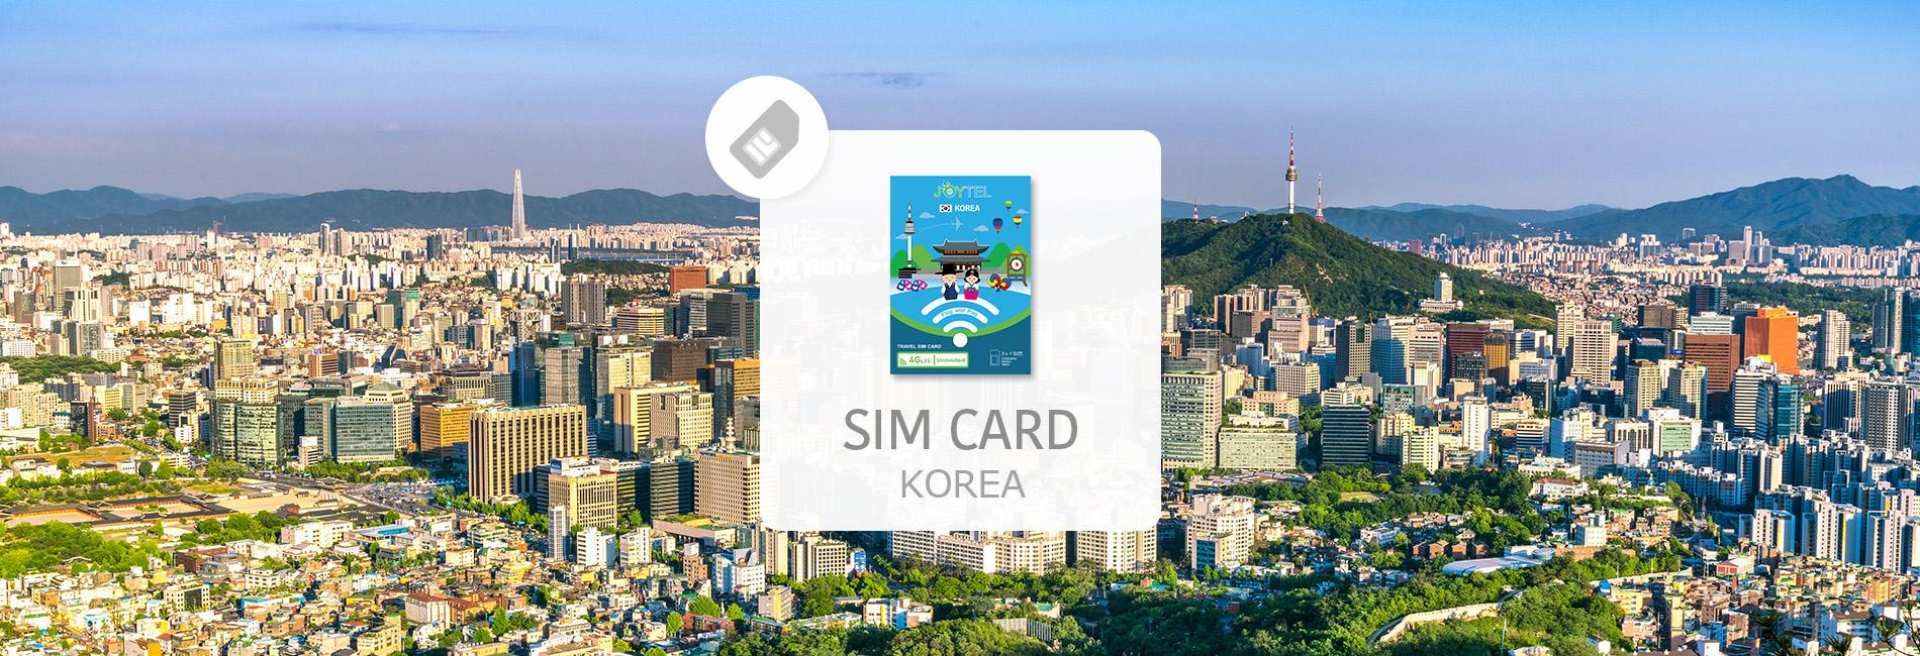 【関西国際空港受取】韓国4GプリペイドSIMカード 5 / 8日間 ネット使い放題